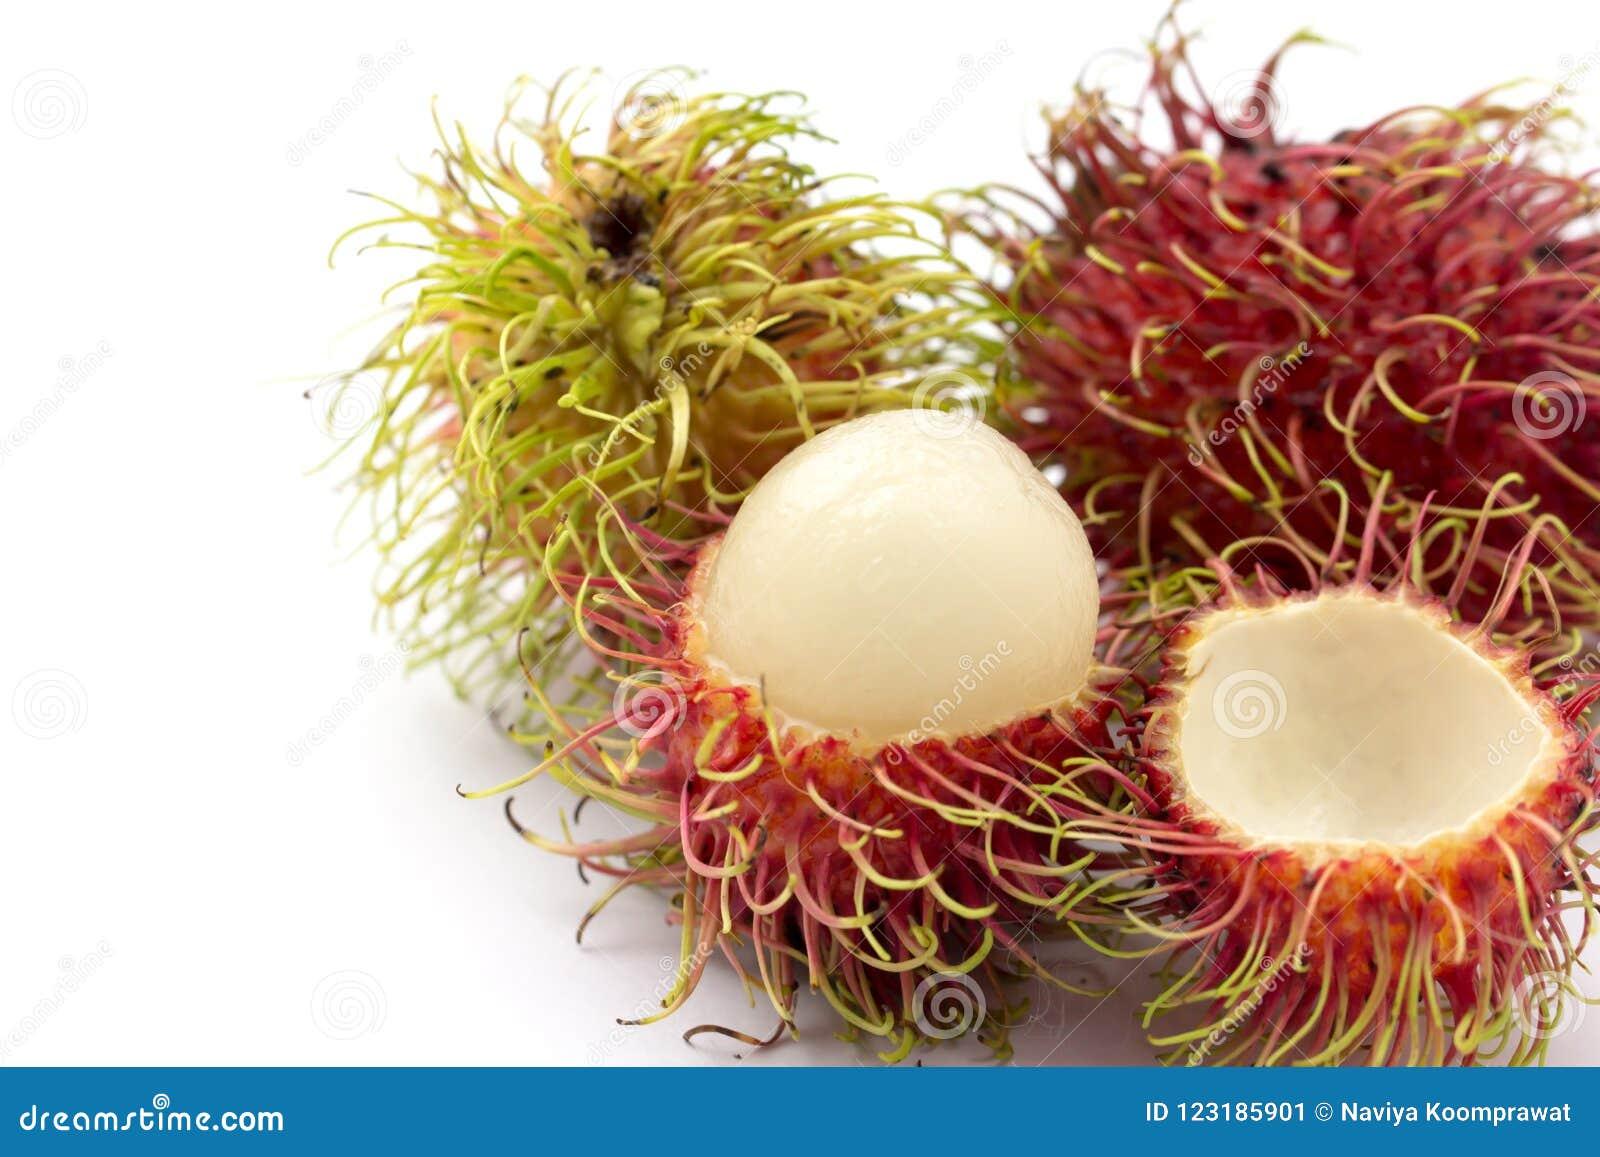 Rambutanen bär frukt på vit bakgrund